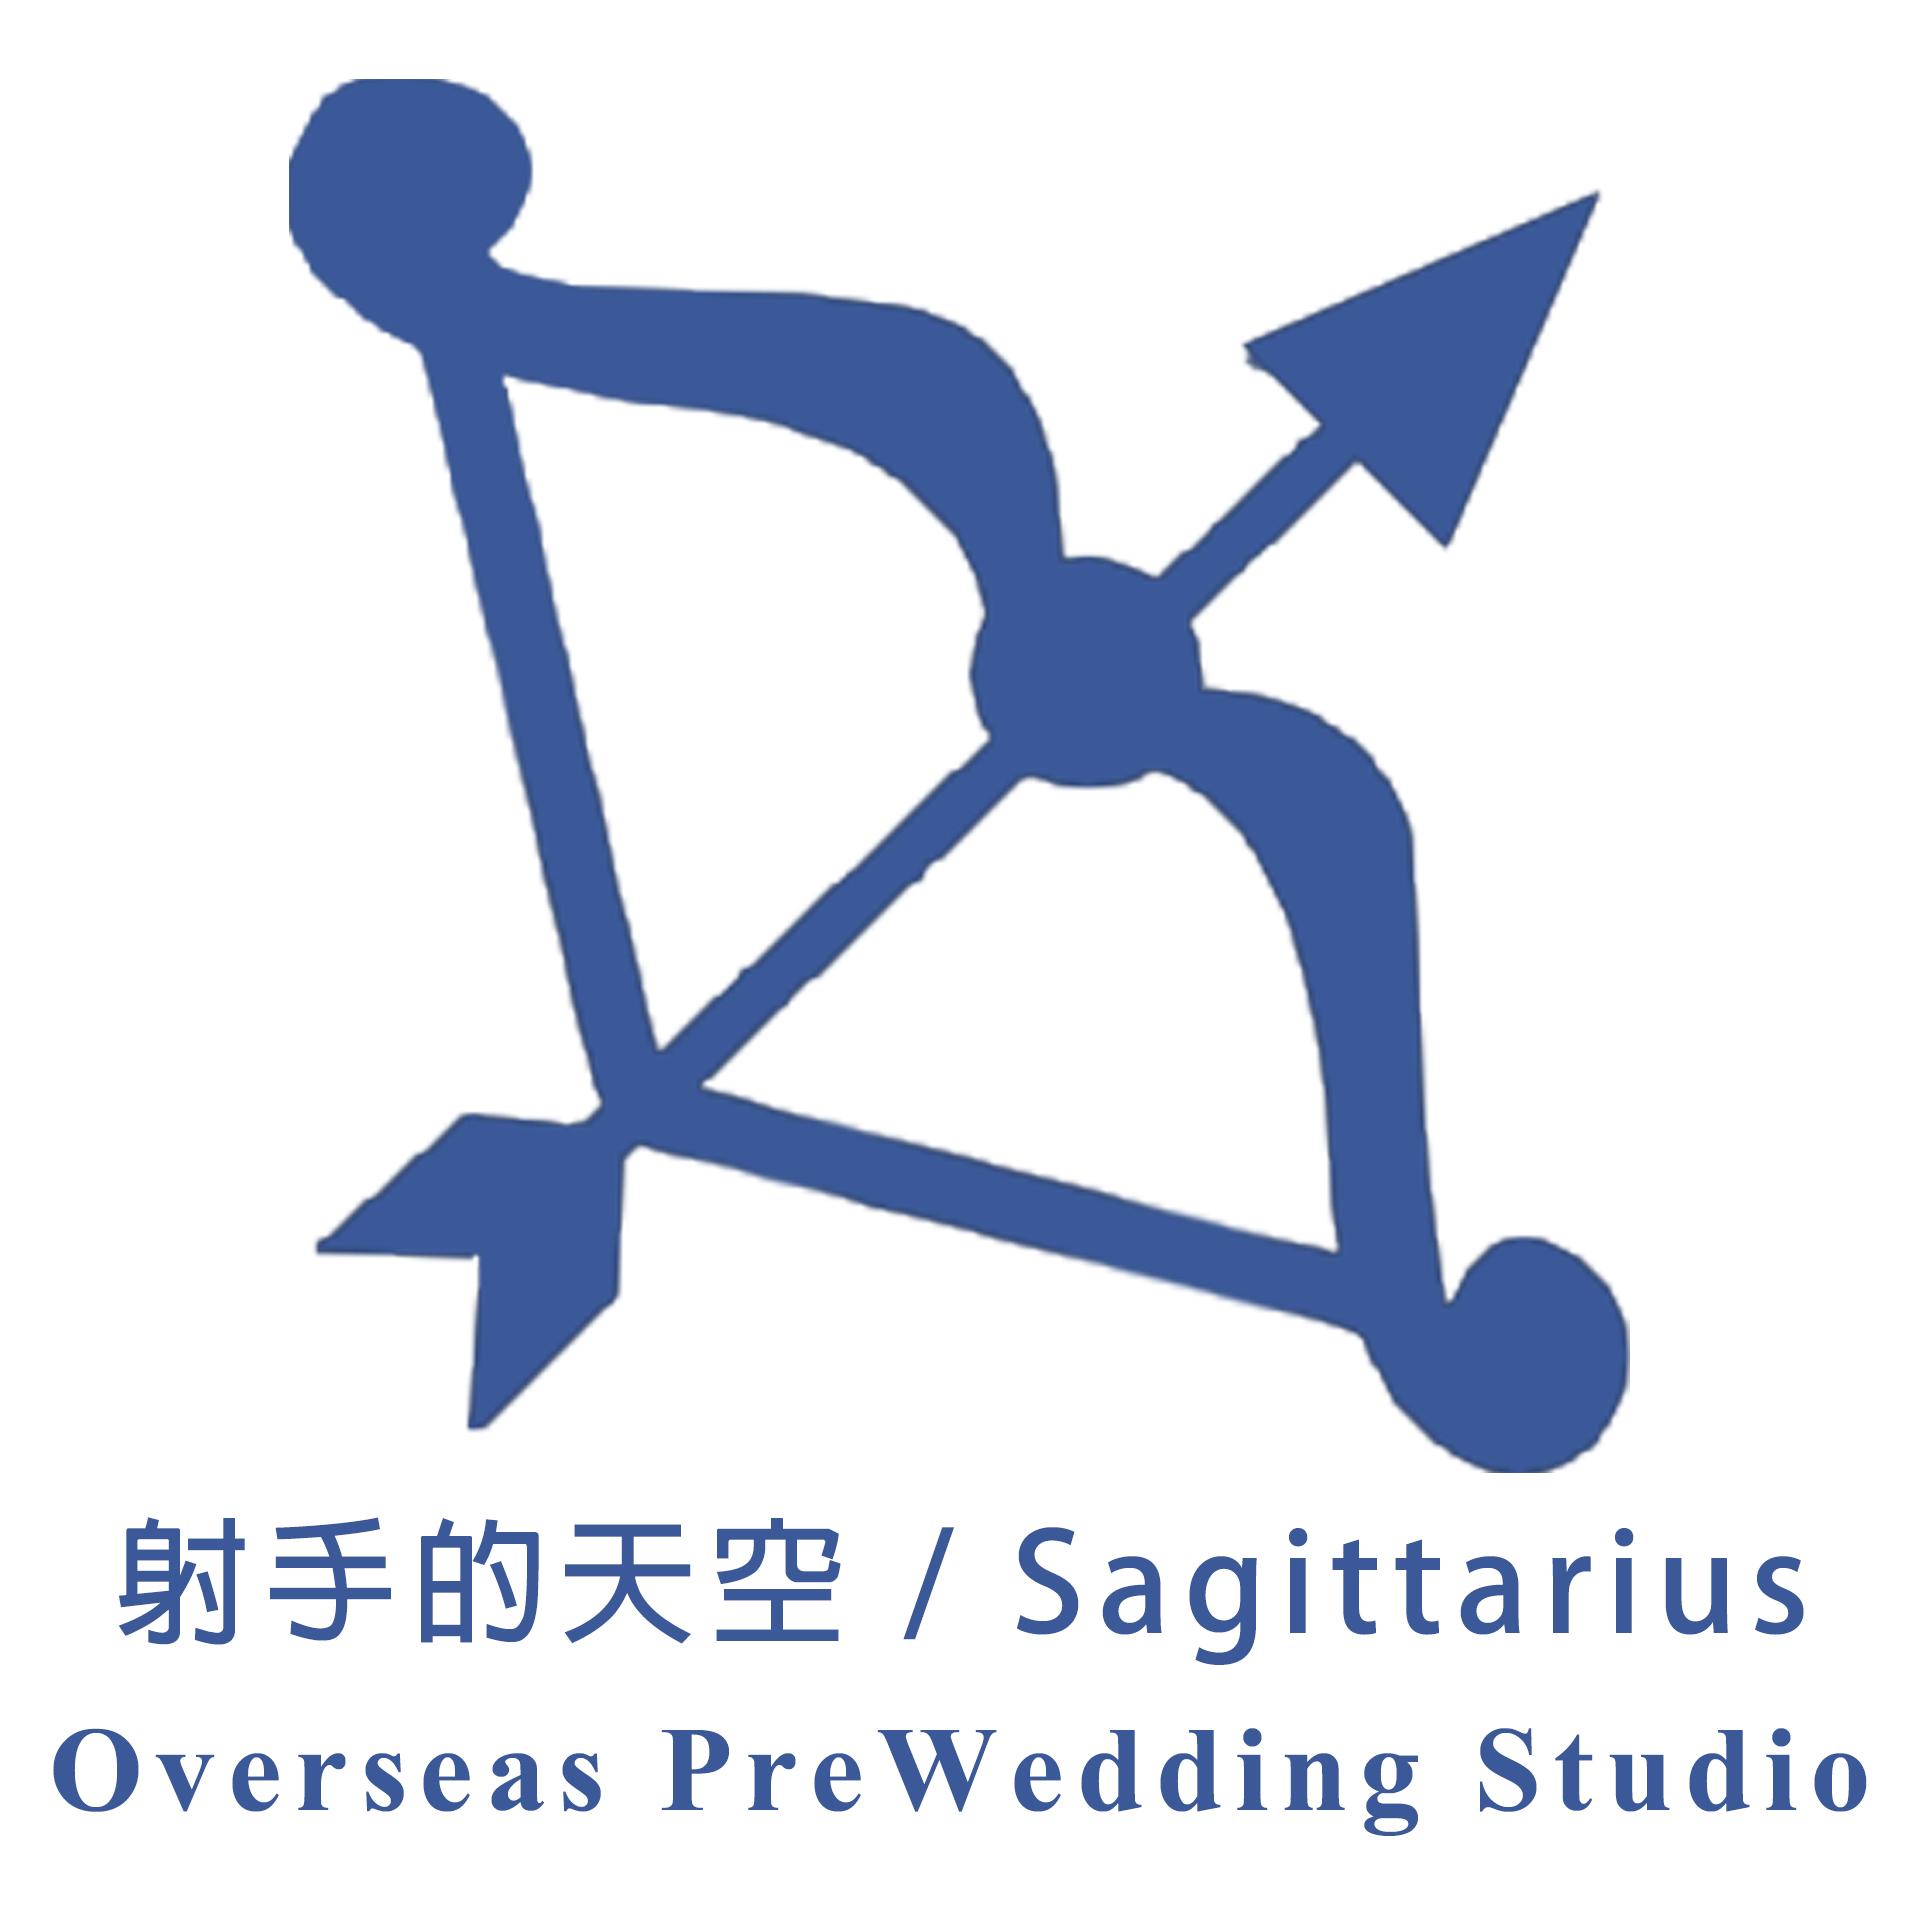 射手的天空 / 海外婚紗 婚禮 婚攝工作